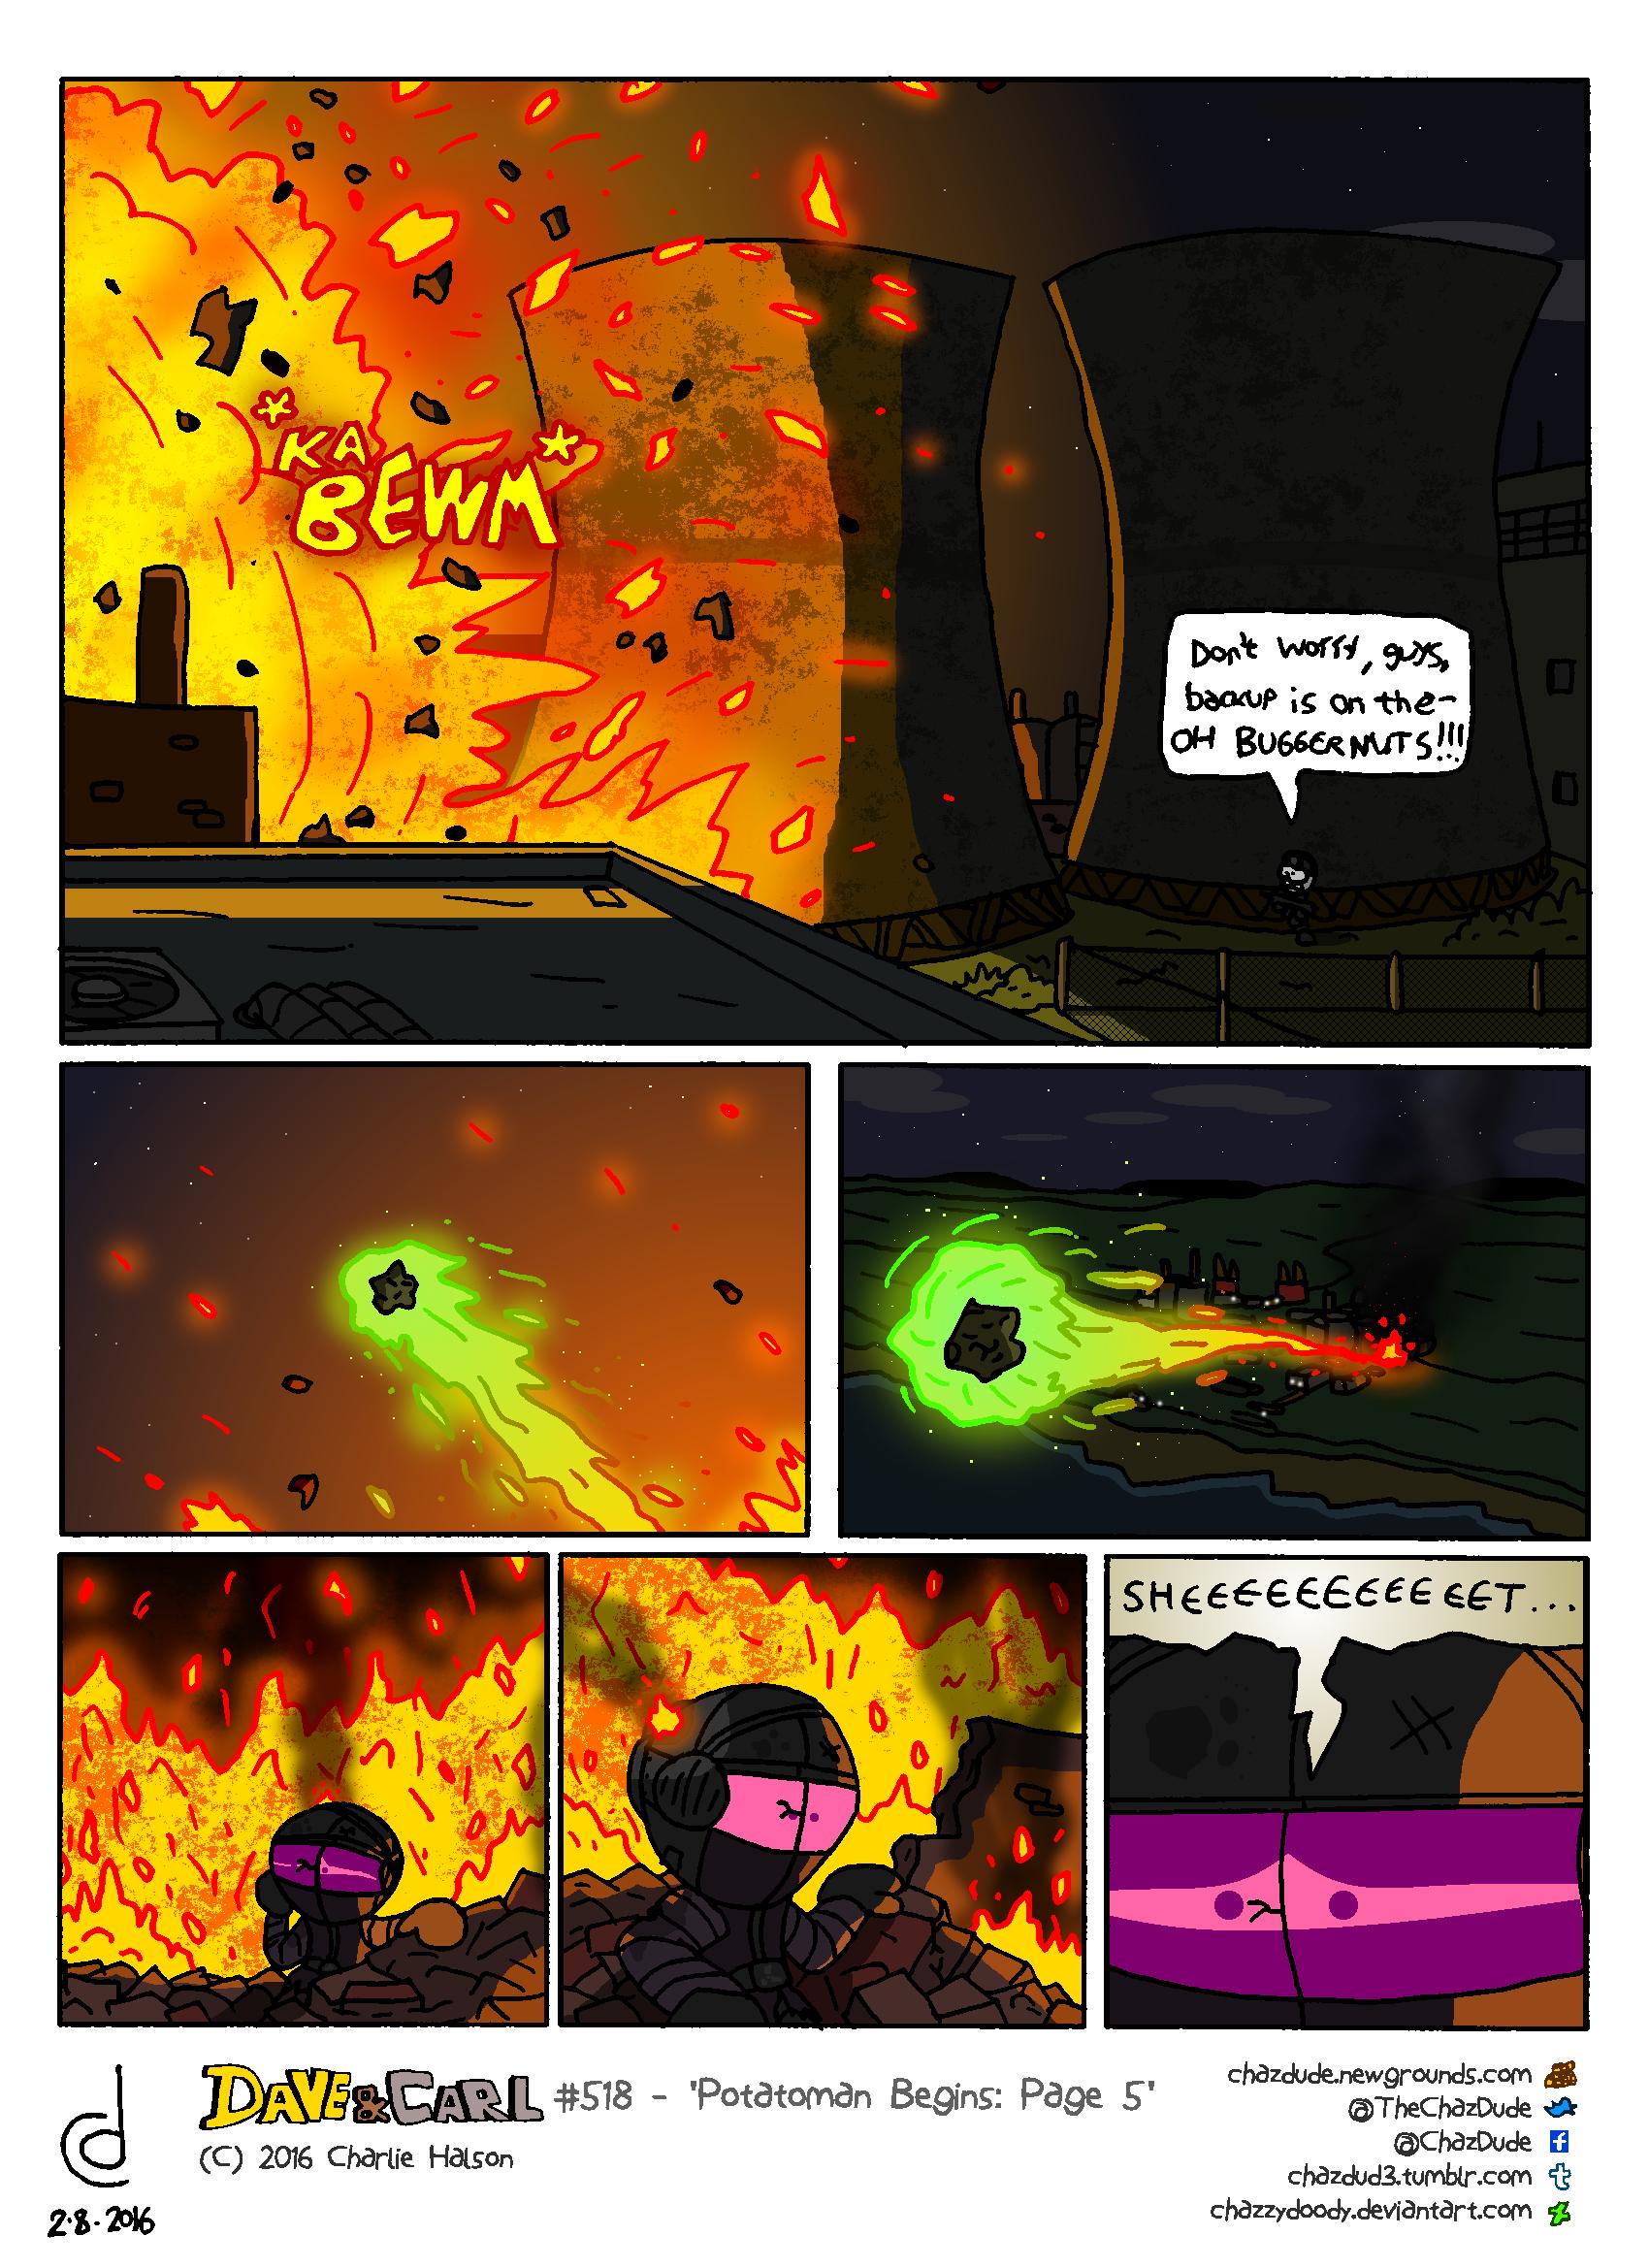 Potatoman Begins: Page 5